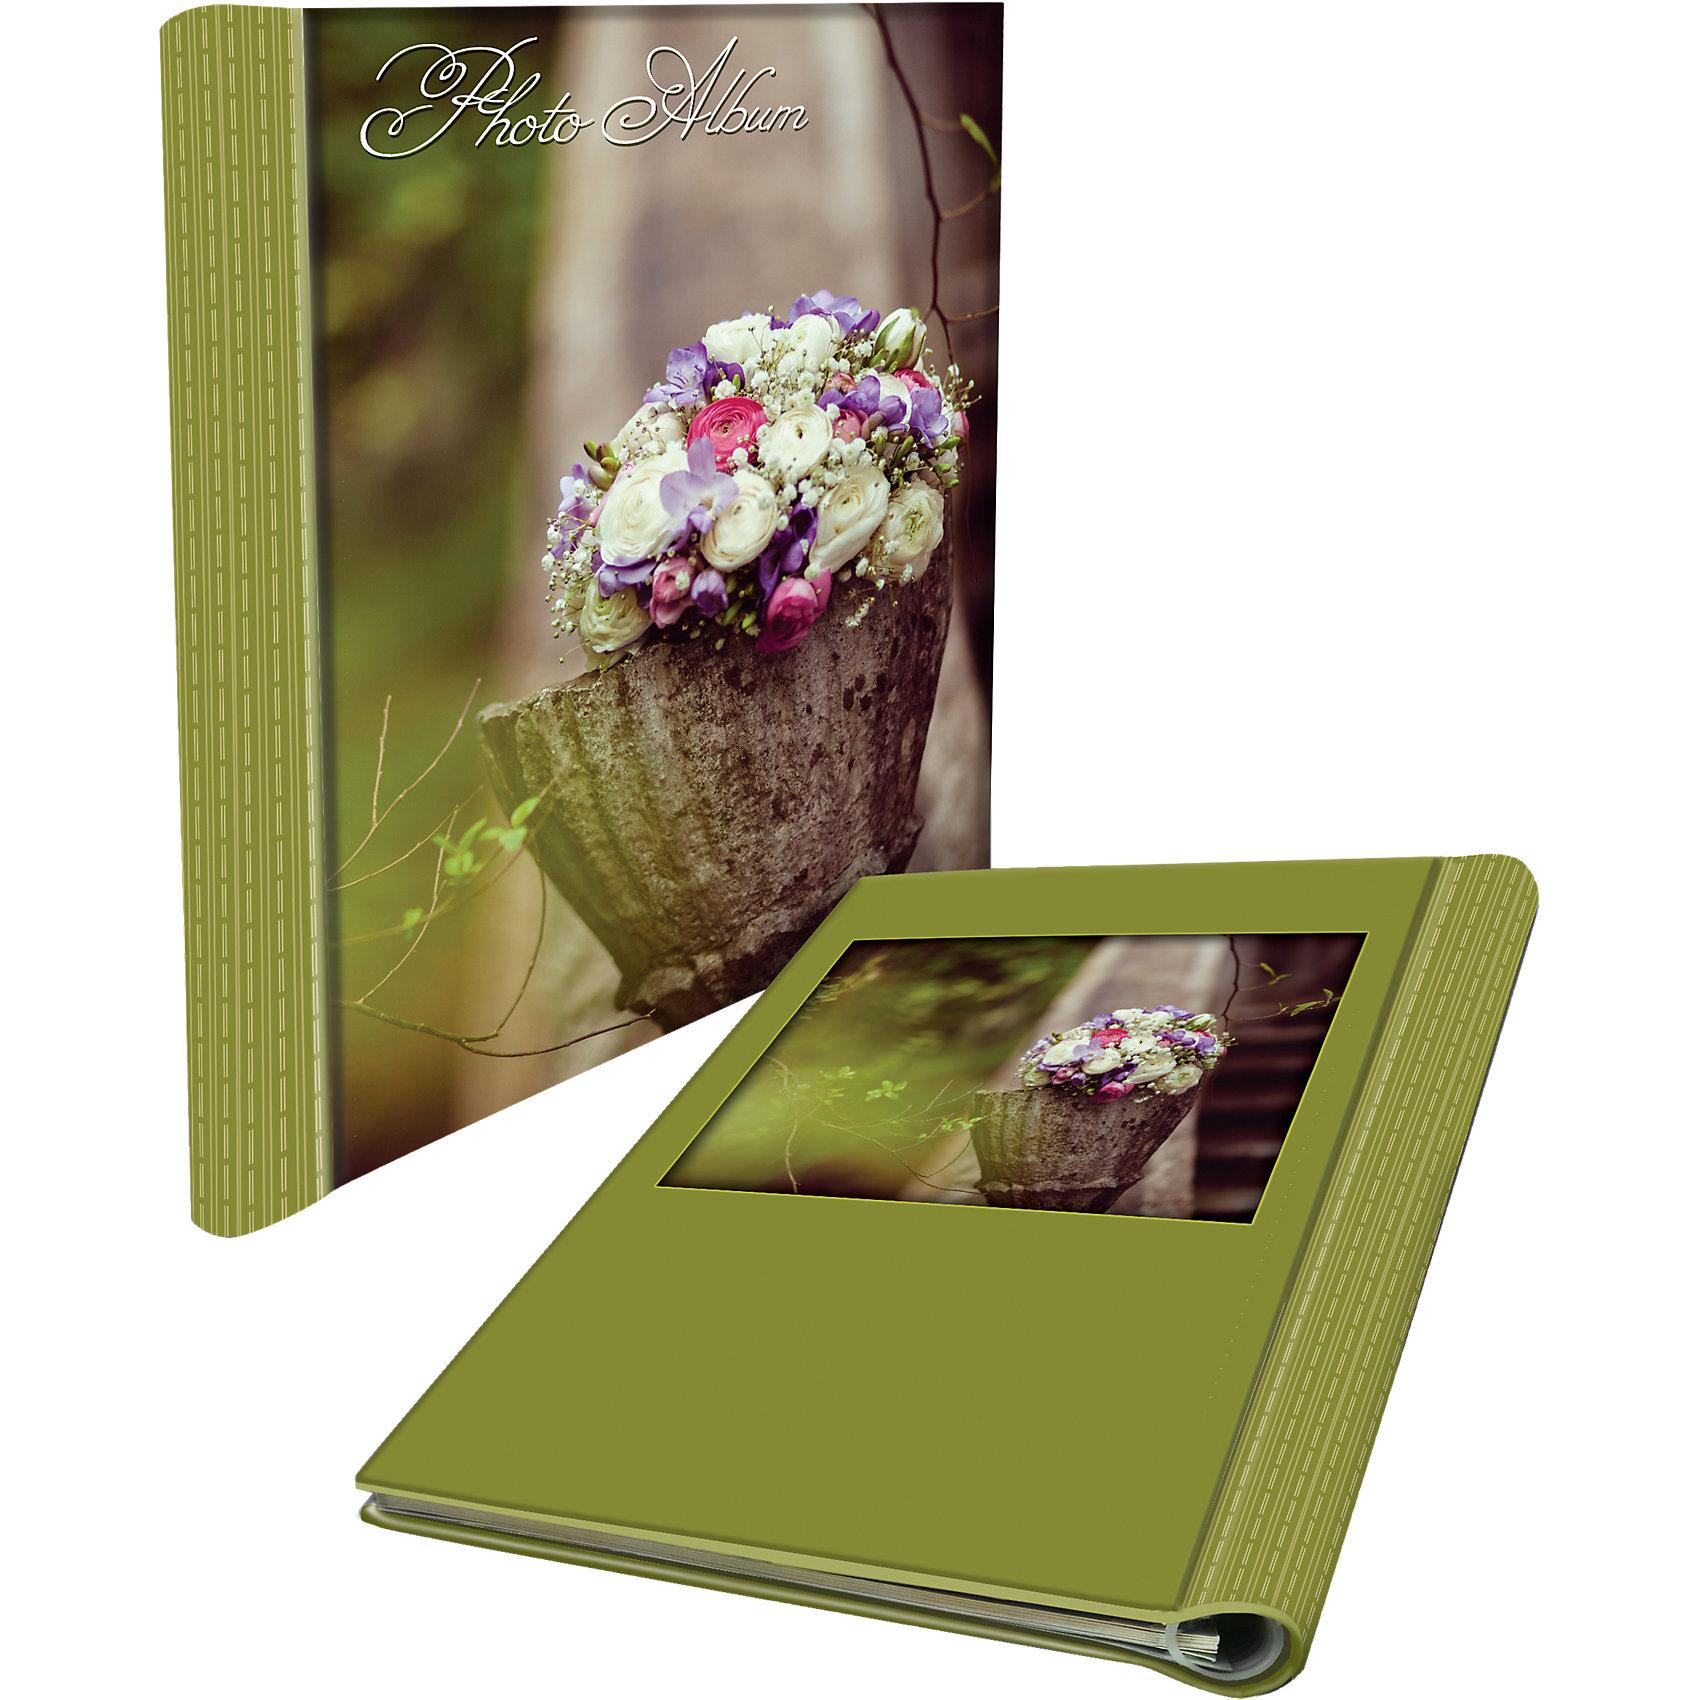 Фотоальбом Корзина цветов 22,5*28 см (20 листов)Фотоальбом Корзина цветов - замечательный подарок, который поможет сохранить самые важные и прекрасные семейные воспоминания. Листы из картона имеют клеевое покрытие и пленку ПВХ для крепления фотографий. Альбом с магнитными листами удобен тем, что позволяет<br>размещать фотографии разных размеров и не требует усилий для их закрепления. Обложка украшена изображением роскошного цветочного букета, крепление на гребне.<br><br>Дополнительная информация:<br><br>- Материал: картон.<br>- Обложка: твердая (картон).<br>- Без иллюстраций.<br>- Объем: 20 листов (картон).<br>- Размер: 22,5 х 28 см.<br>- Вес: 0,674 кг.<br><br>Фотоальбом Корзина цветов, Феникс-Презент, можно купить в нашем интернет-магазине.<br><br>Ширина мм: 30<br>Глубина мм: 250<br>Высота мм: 290<br>Вес г: 674<br>Возраст от месяцев: 36<br>Возраст до месяцев: 2147483647<br>Пол: Женский<br>Возраст: Детский<br>SKU: 4501178